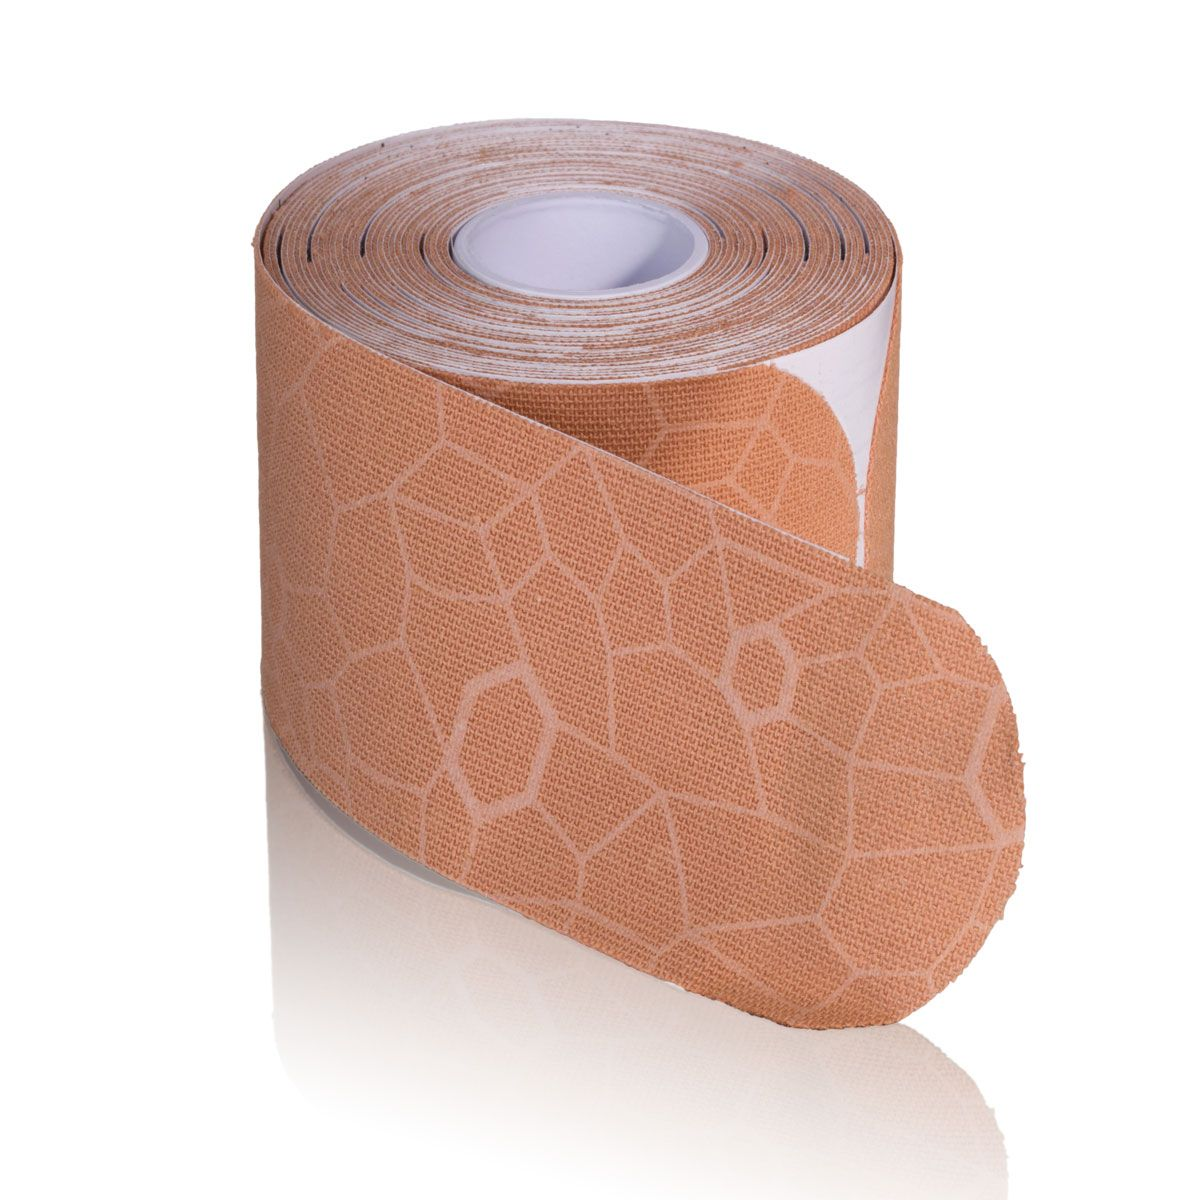 TheraBand Kinesiology Tape, 6 rolls - (6) 2 in. x 16.4 ft. Rolls - Beige/Beige